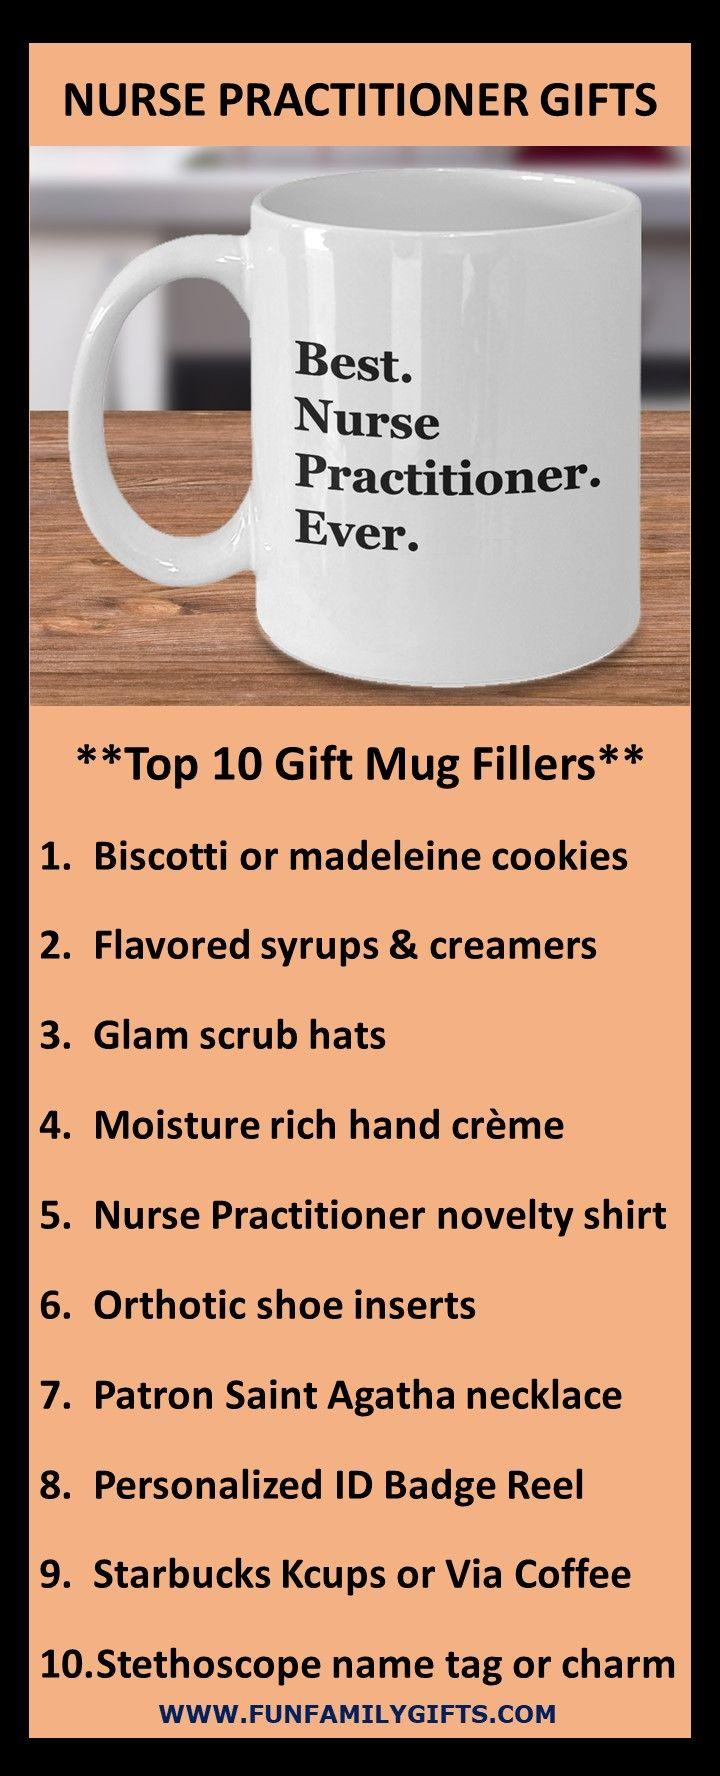 Nurse practitioner gifts best nurse practitioner ever